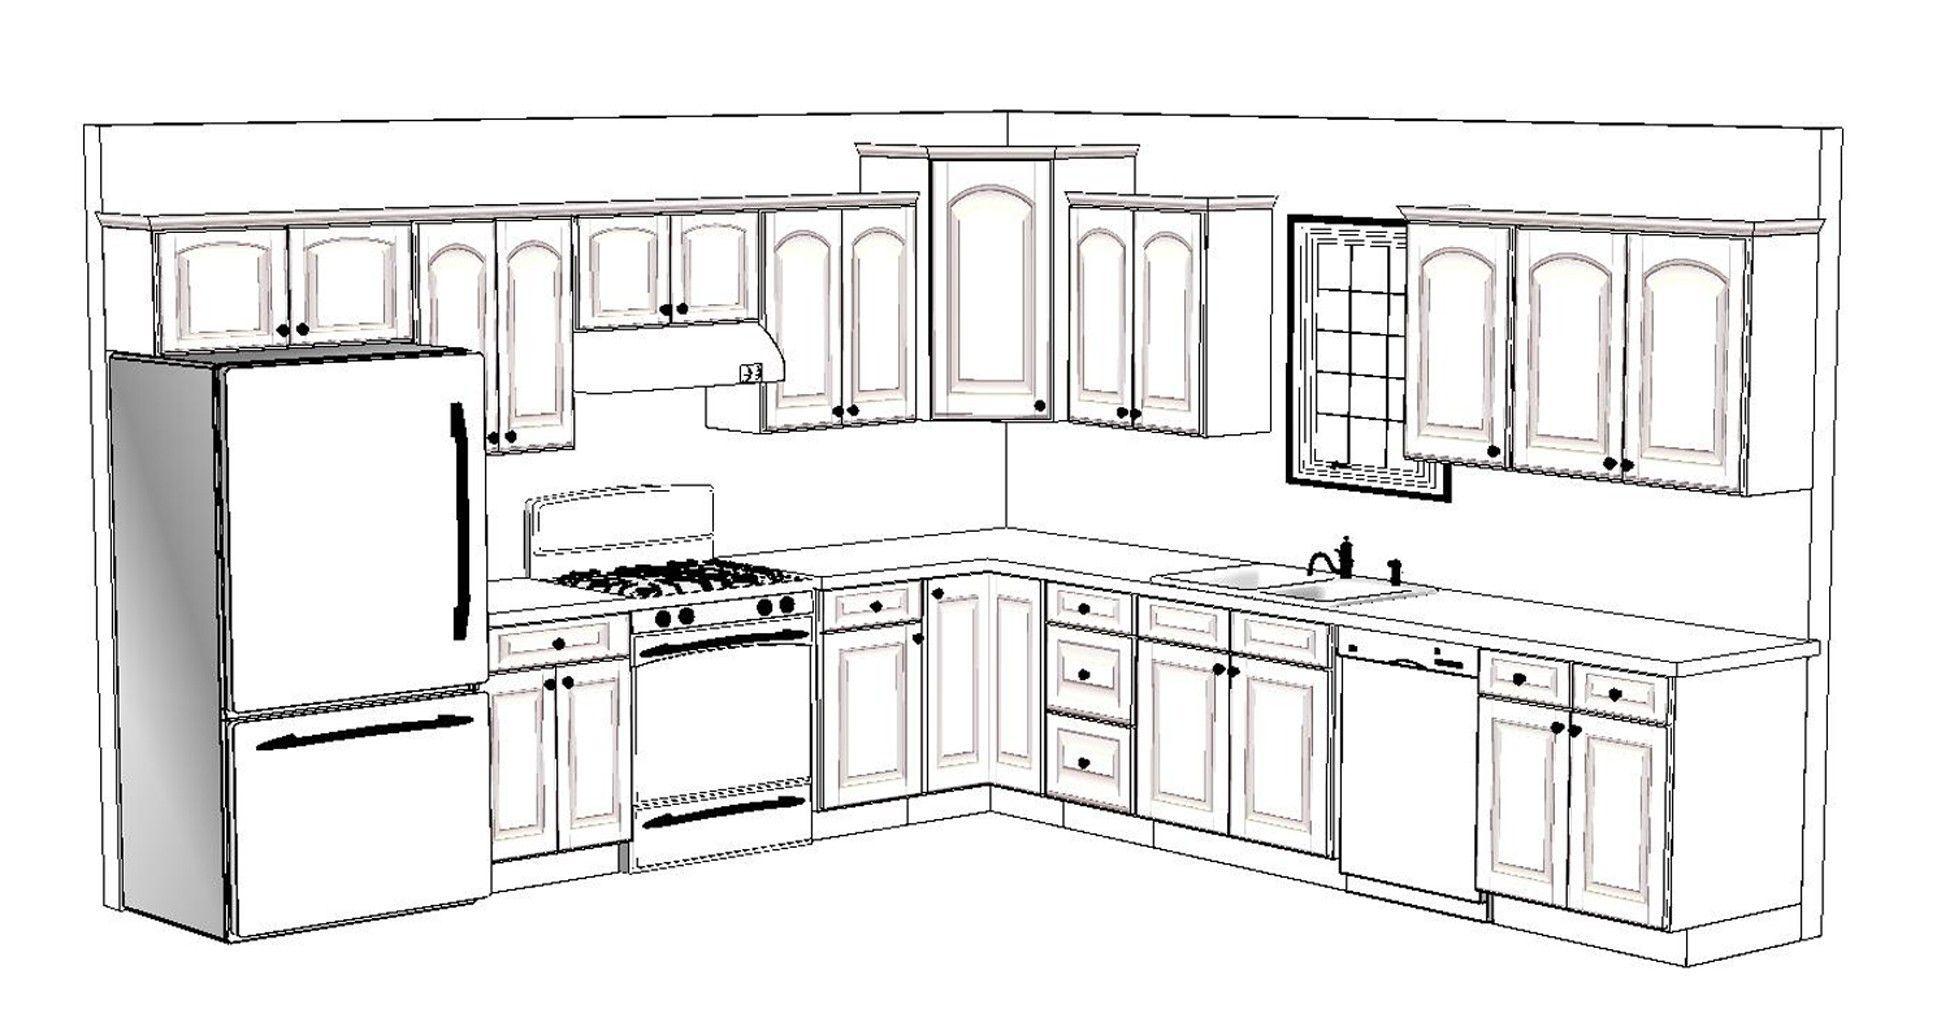 6 x 8 kitchen layout | home decoration ideas